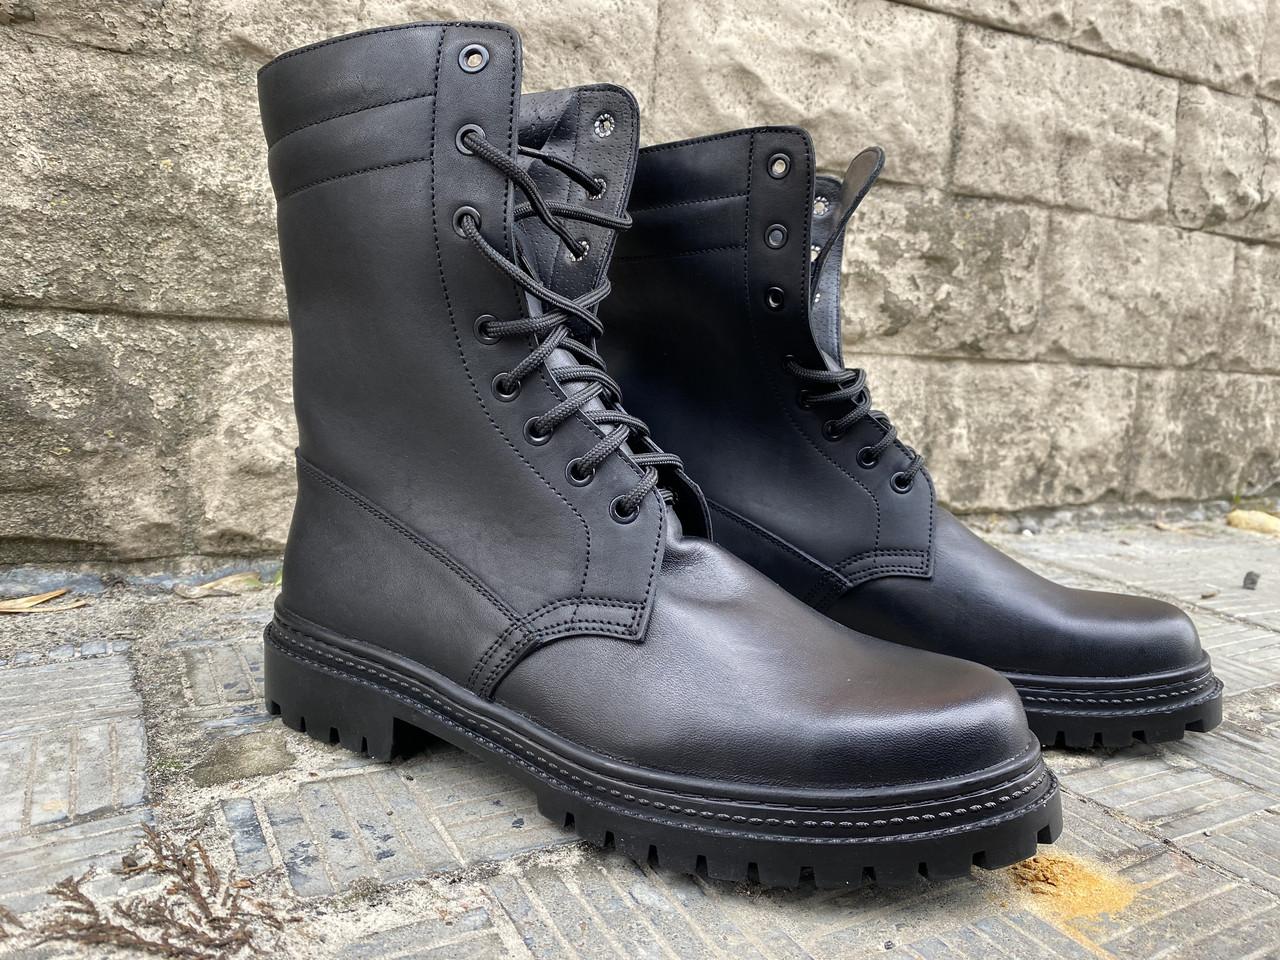 Тактические ботинки берцы из натуральной кожи Скорпион К